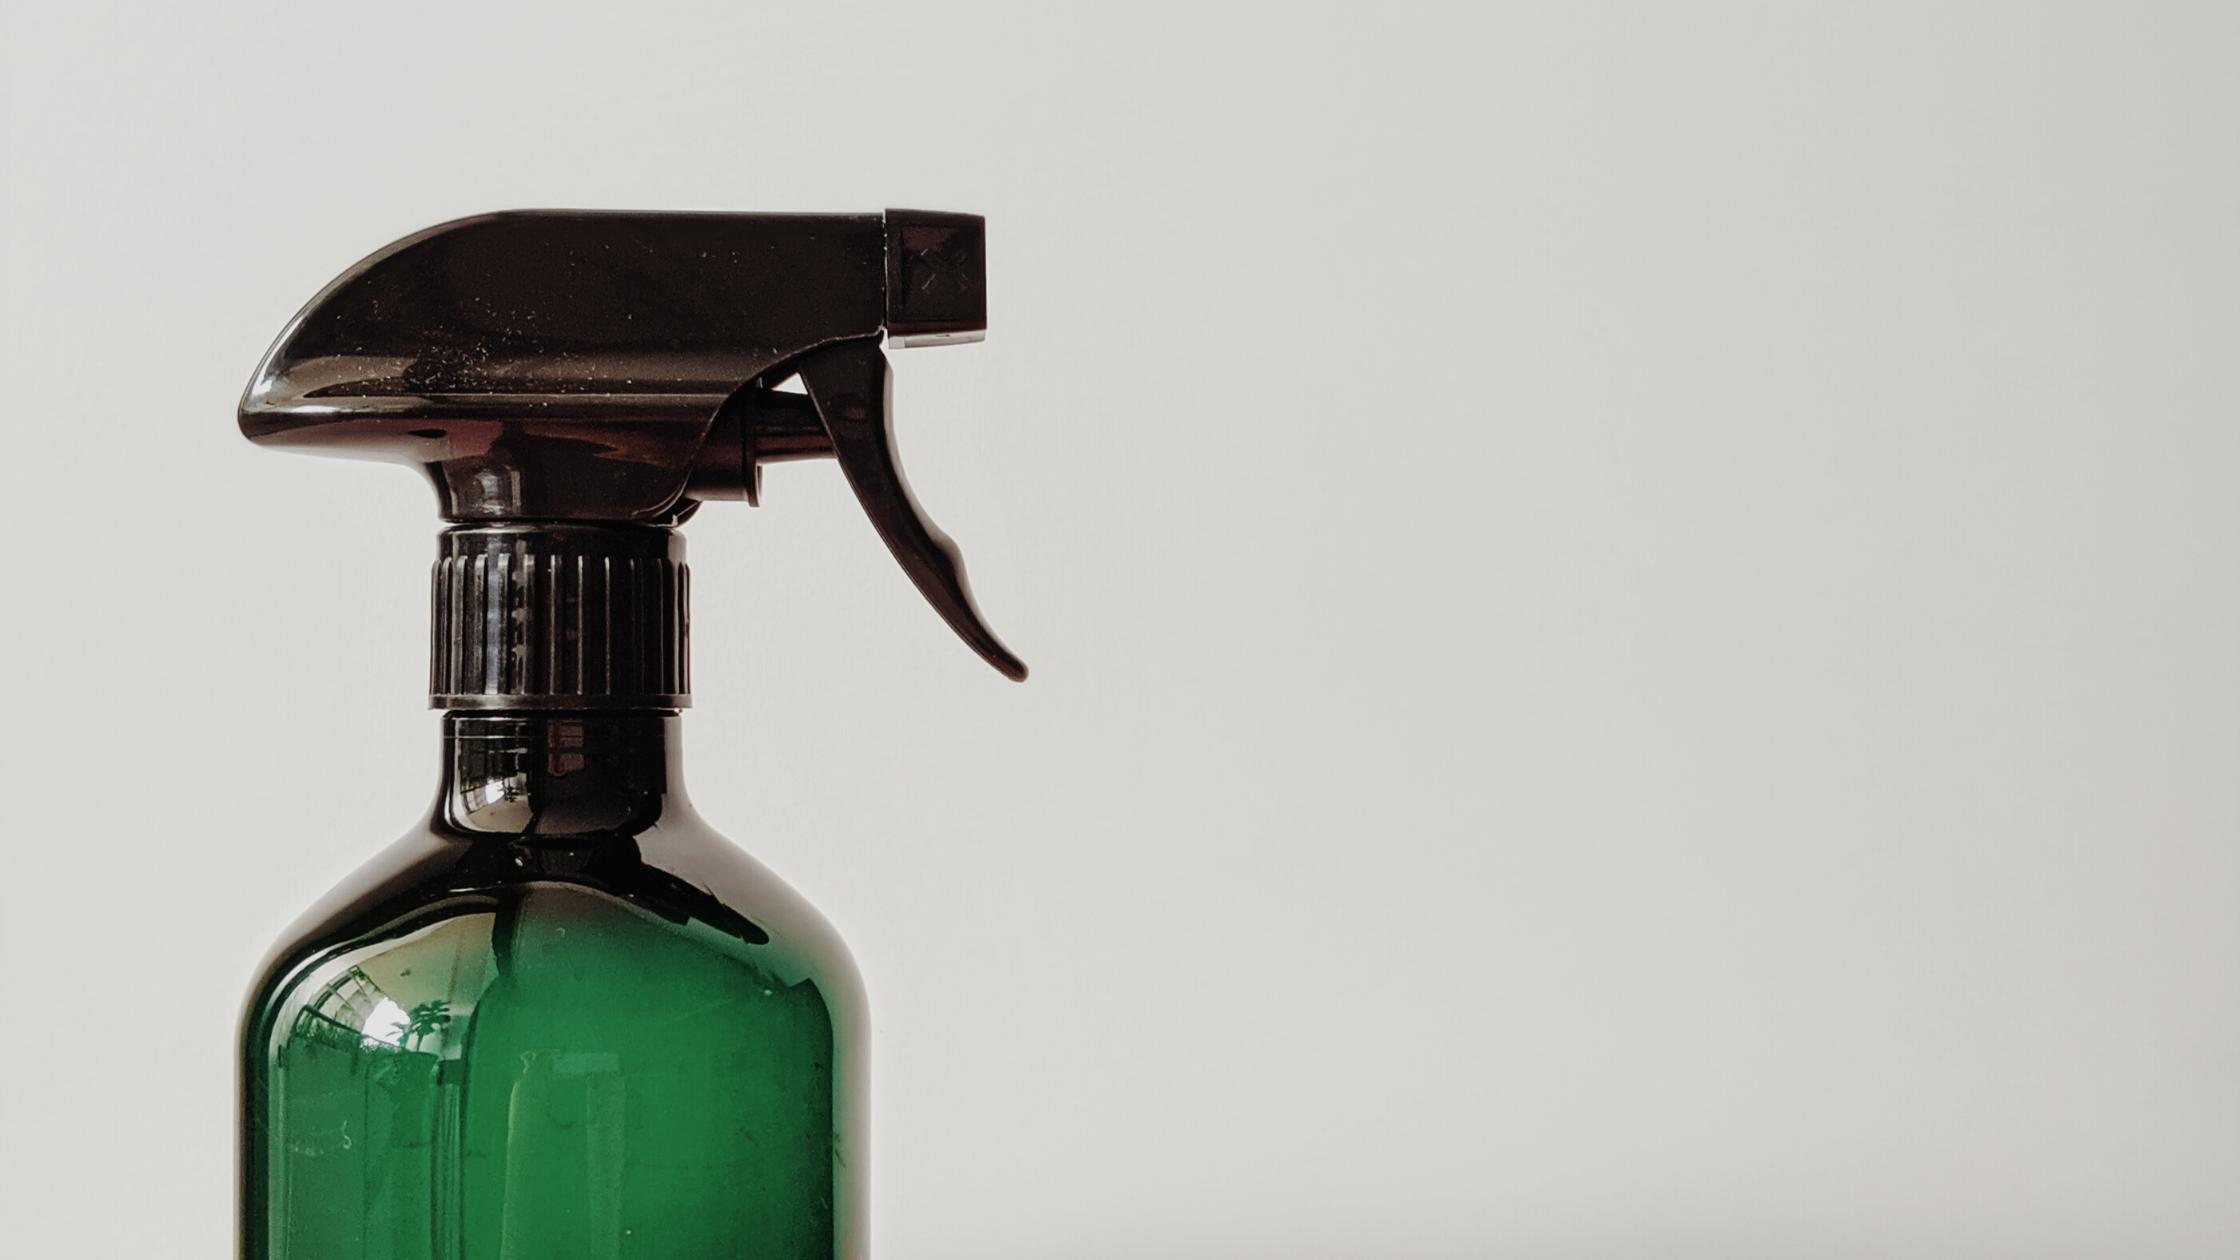 Mindfulness pentru spălarea și curățarea hainelor, în plin secol al vitezei wet clean substanta startup spalatorie ecologic dry clean detergent curatatorie calcatorie business bufa